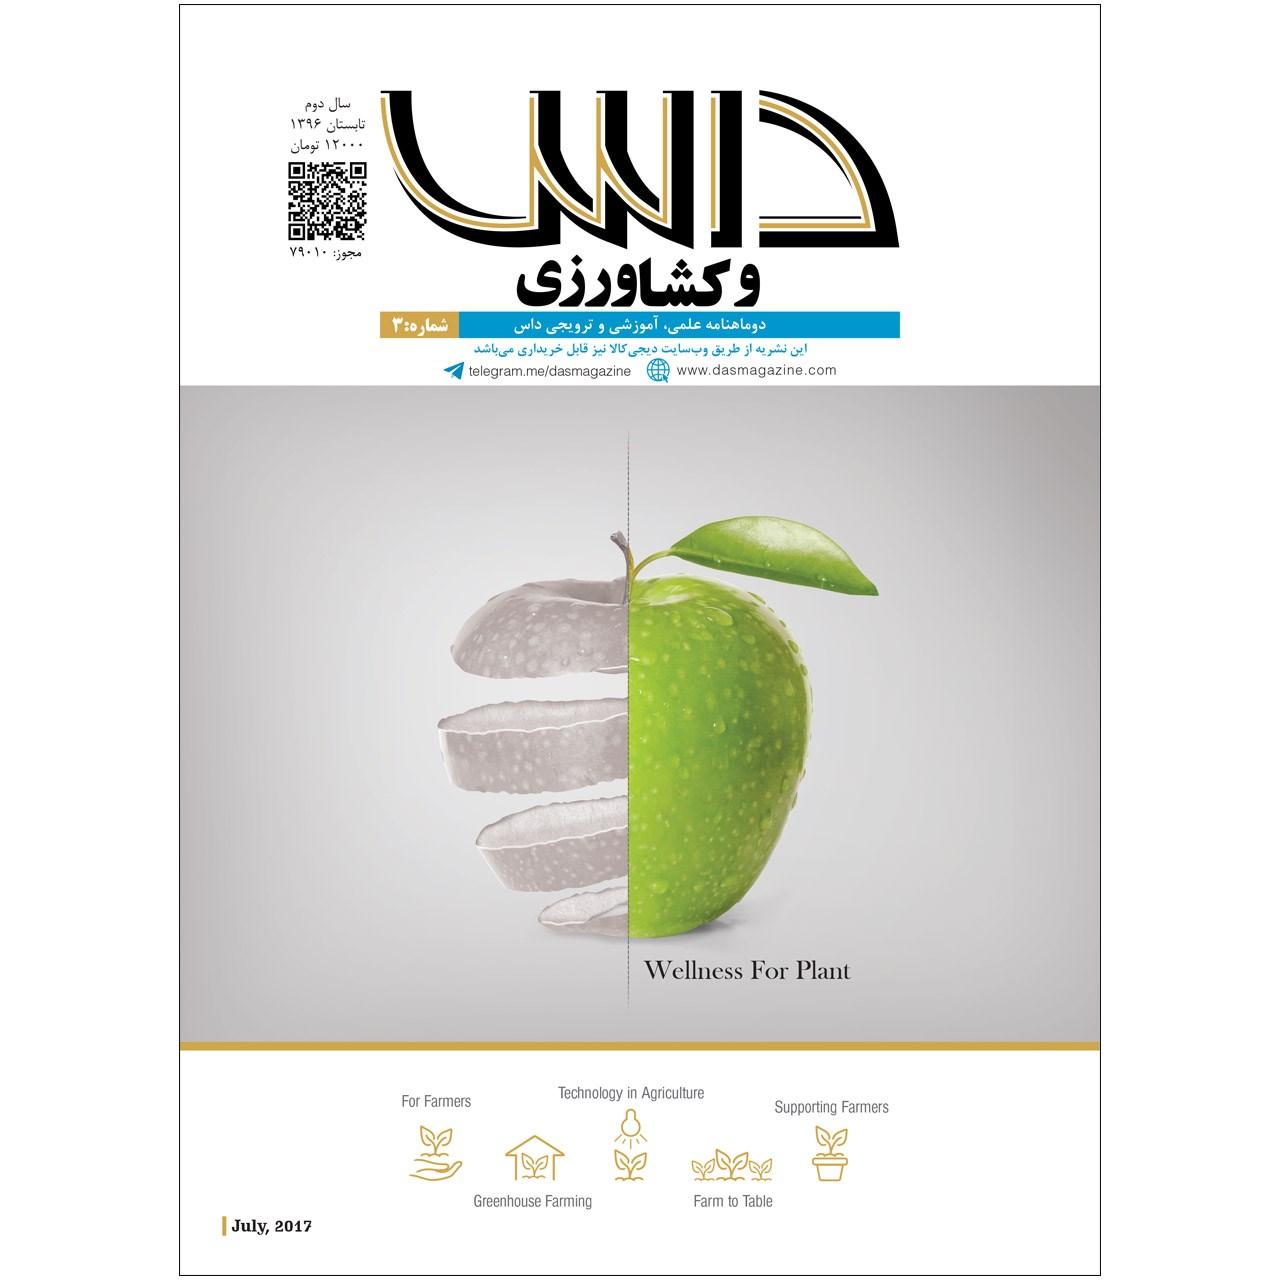 مجله داس - شماره 3